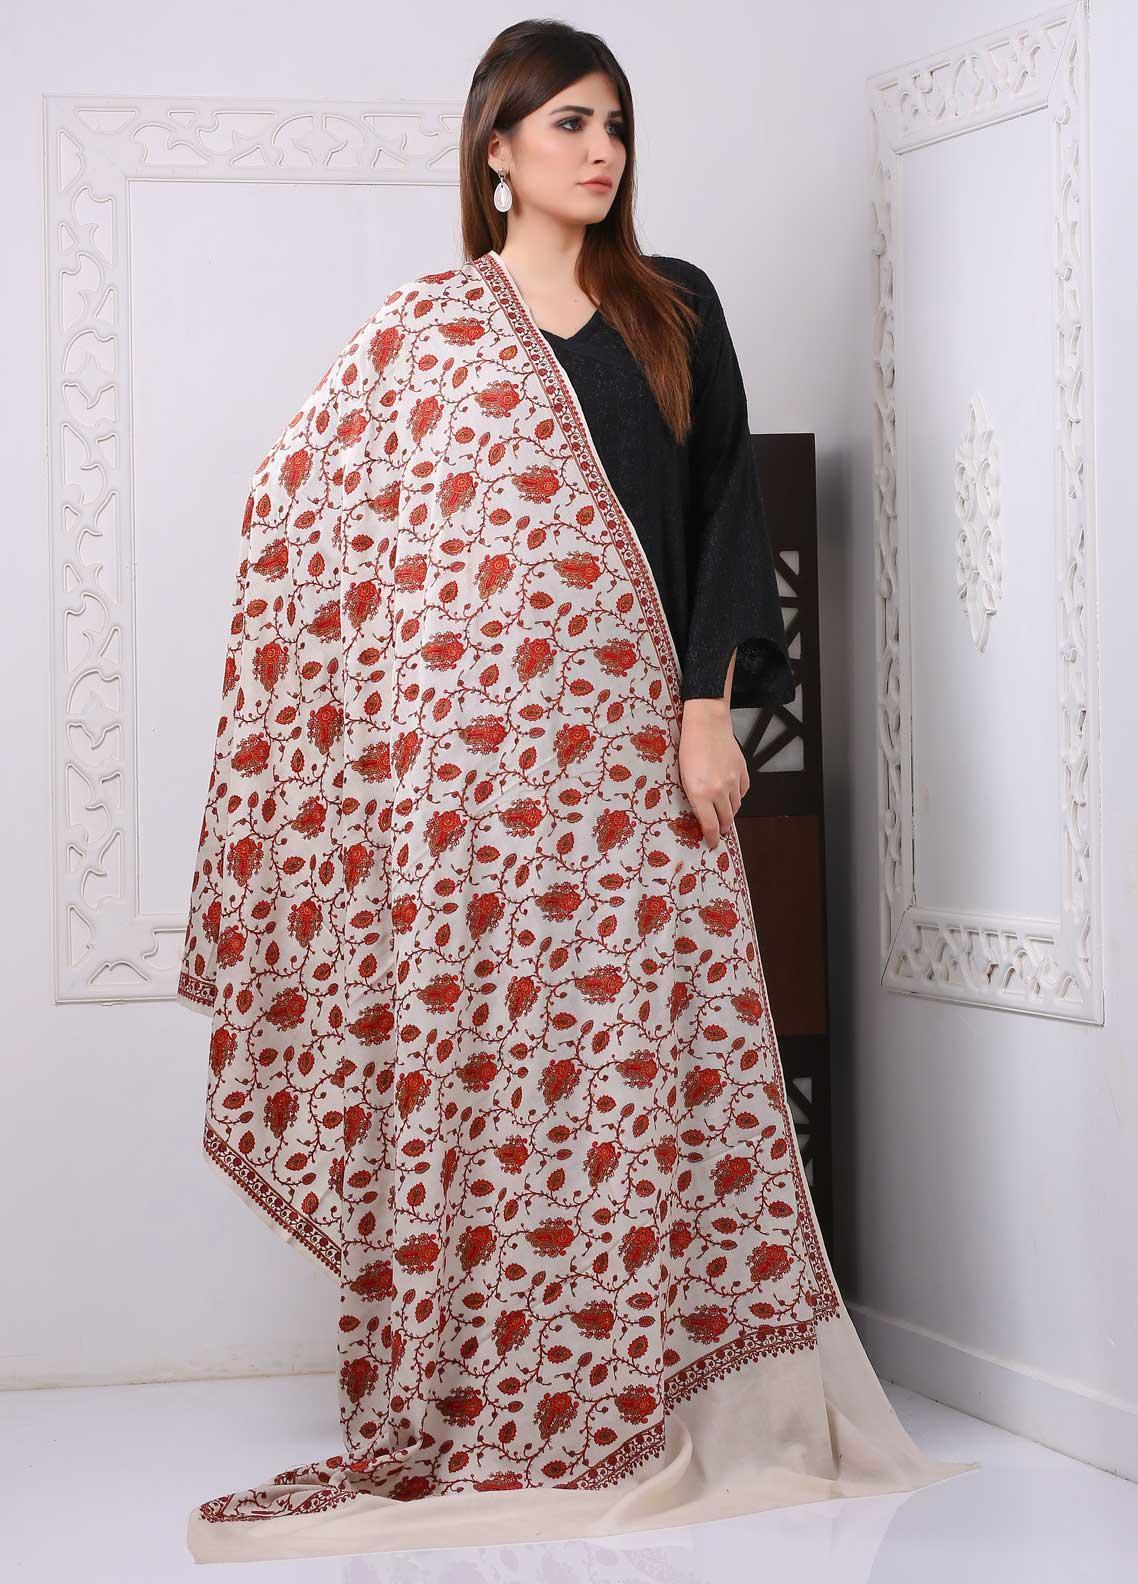 Sanaulla Exclusive Range Embroidered Premium Pashmina  Shawl PRMSH 323879 - Premium Pashmina Shawls